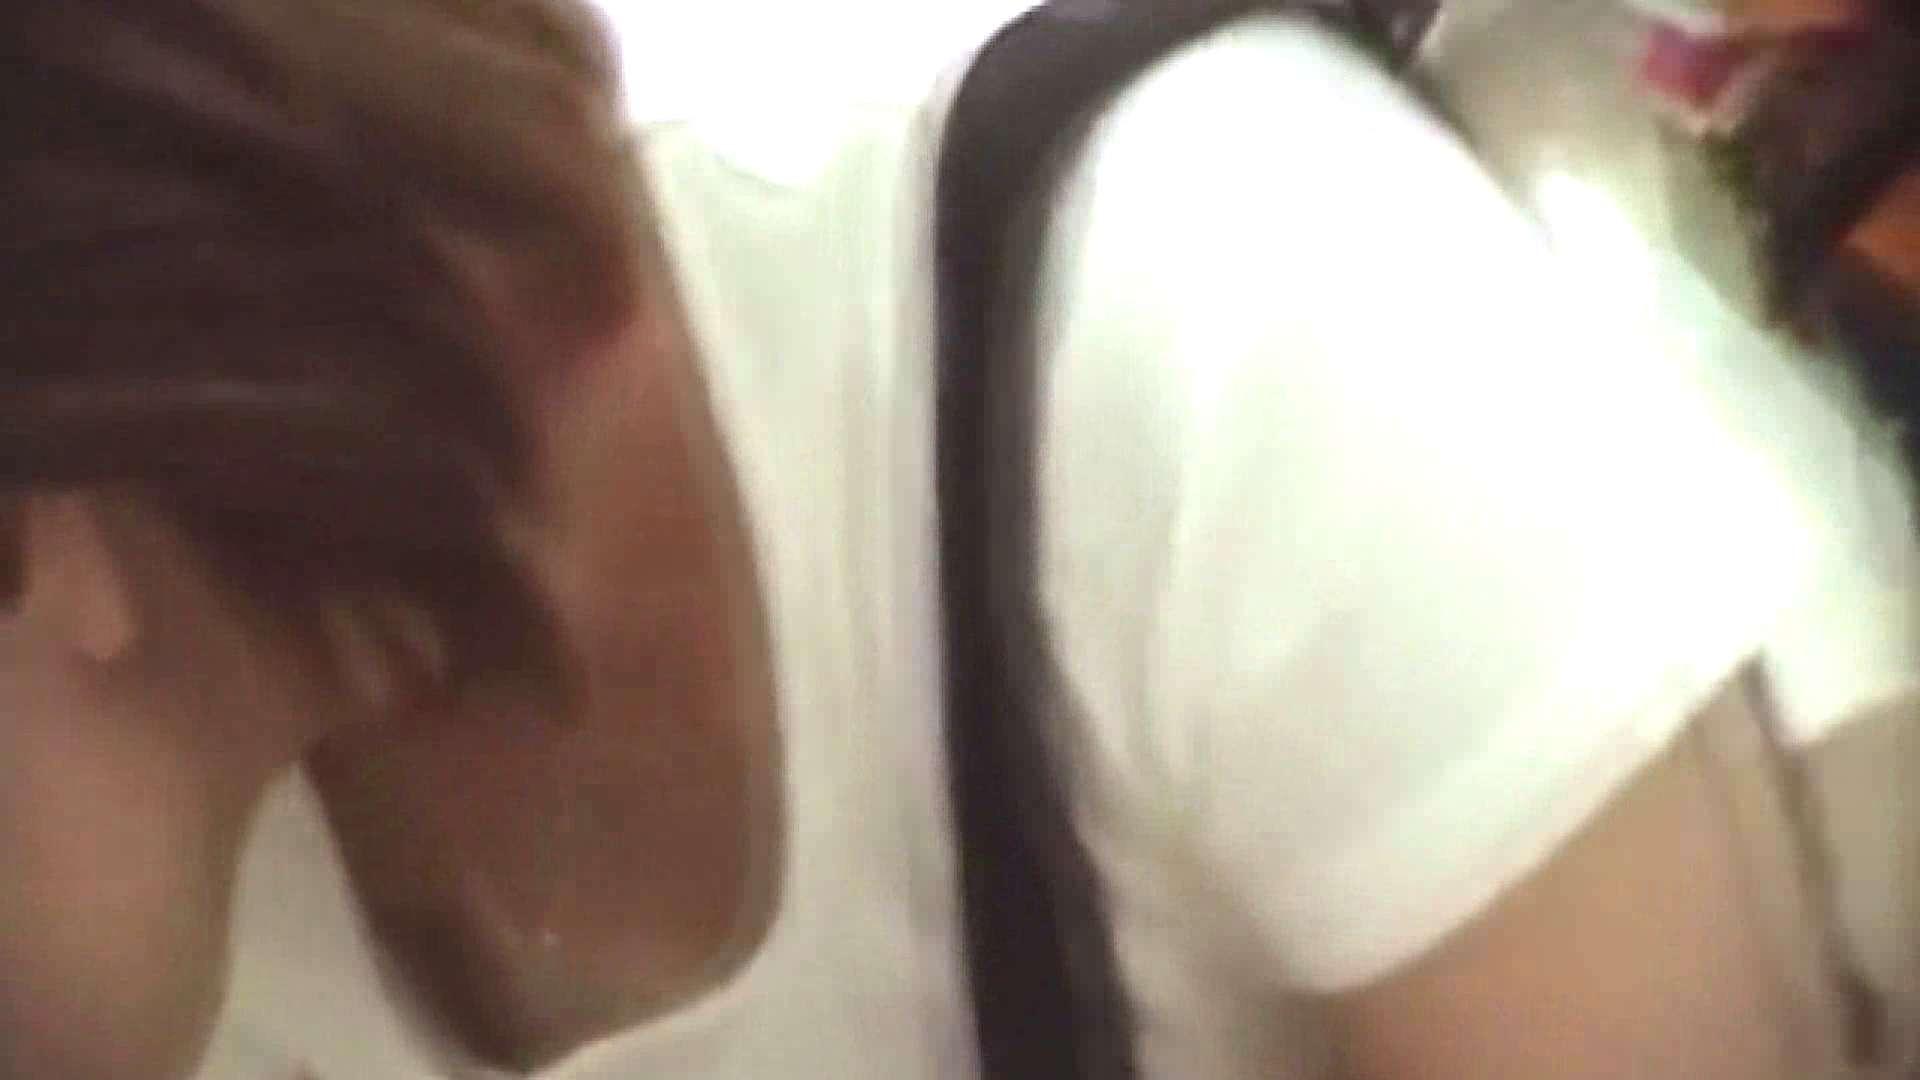 真剣に買い物中のgal達を上から下から狙います。vol.05 OL裸体 | 隠撮  73画像 62